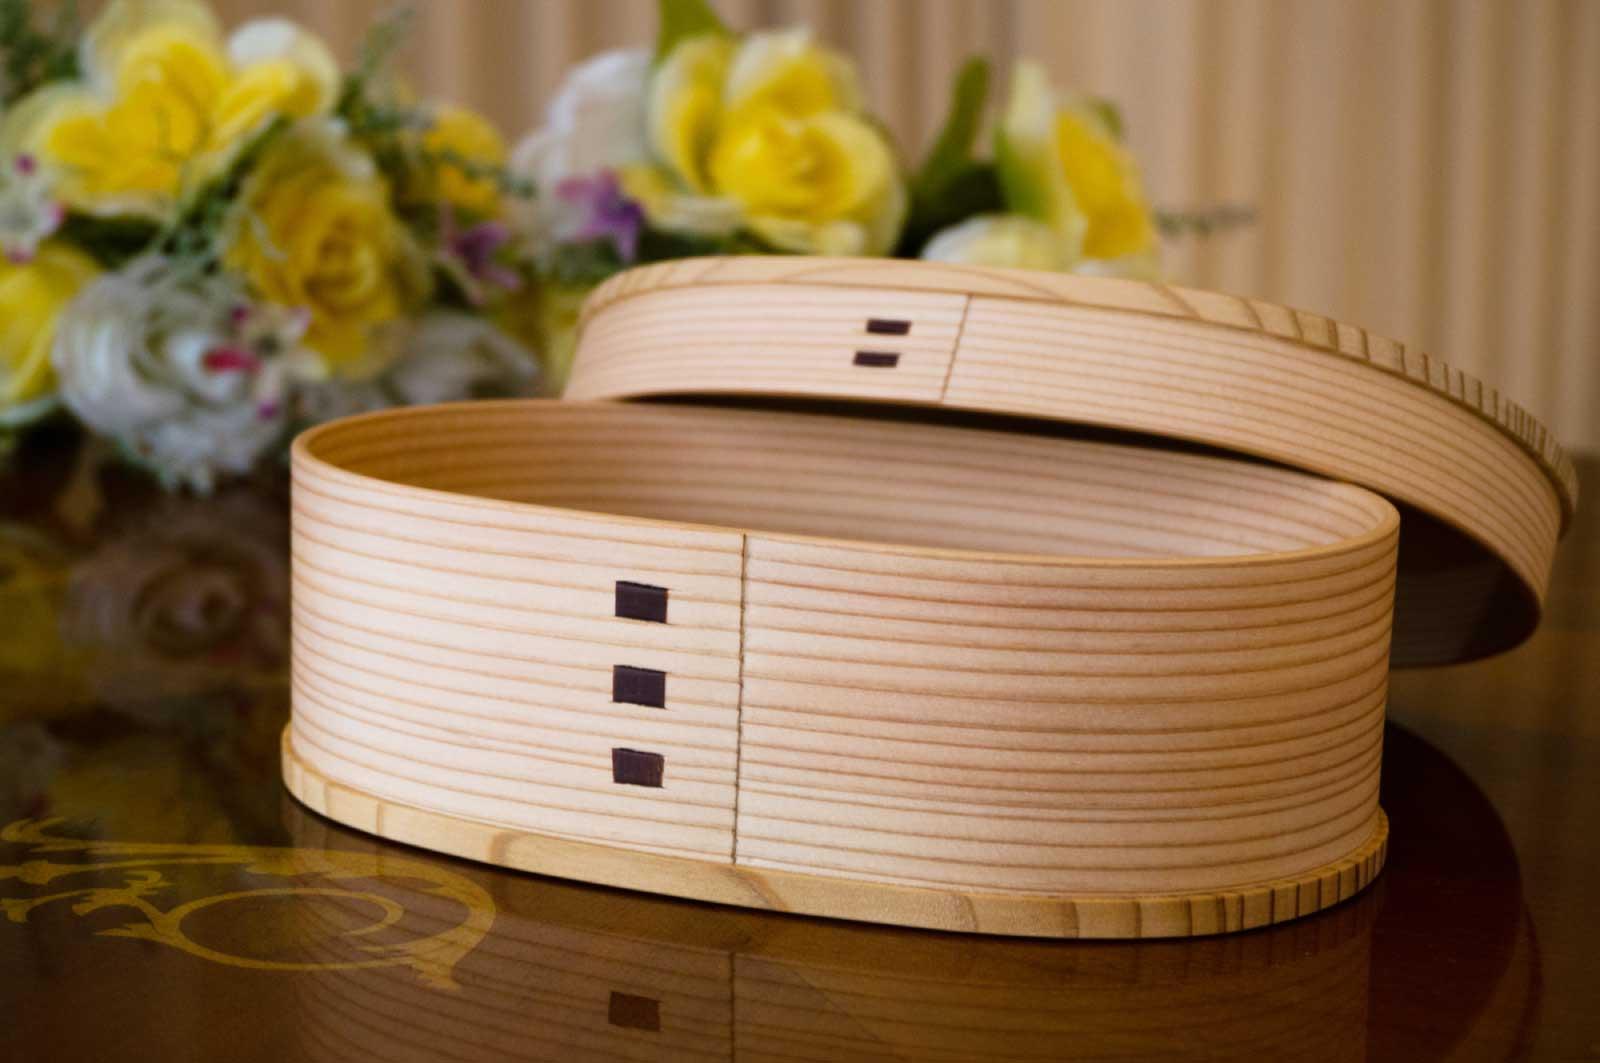 秋田県の代表的な伝統工芸品